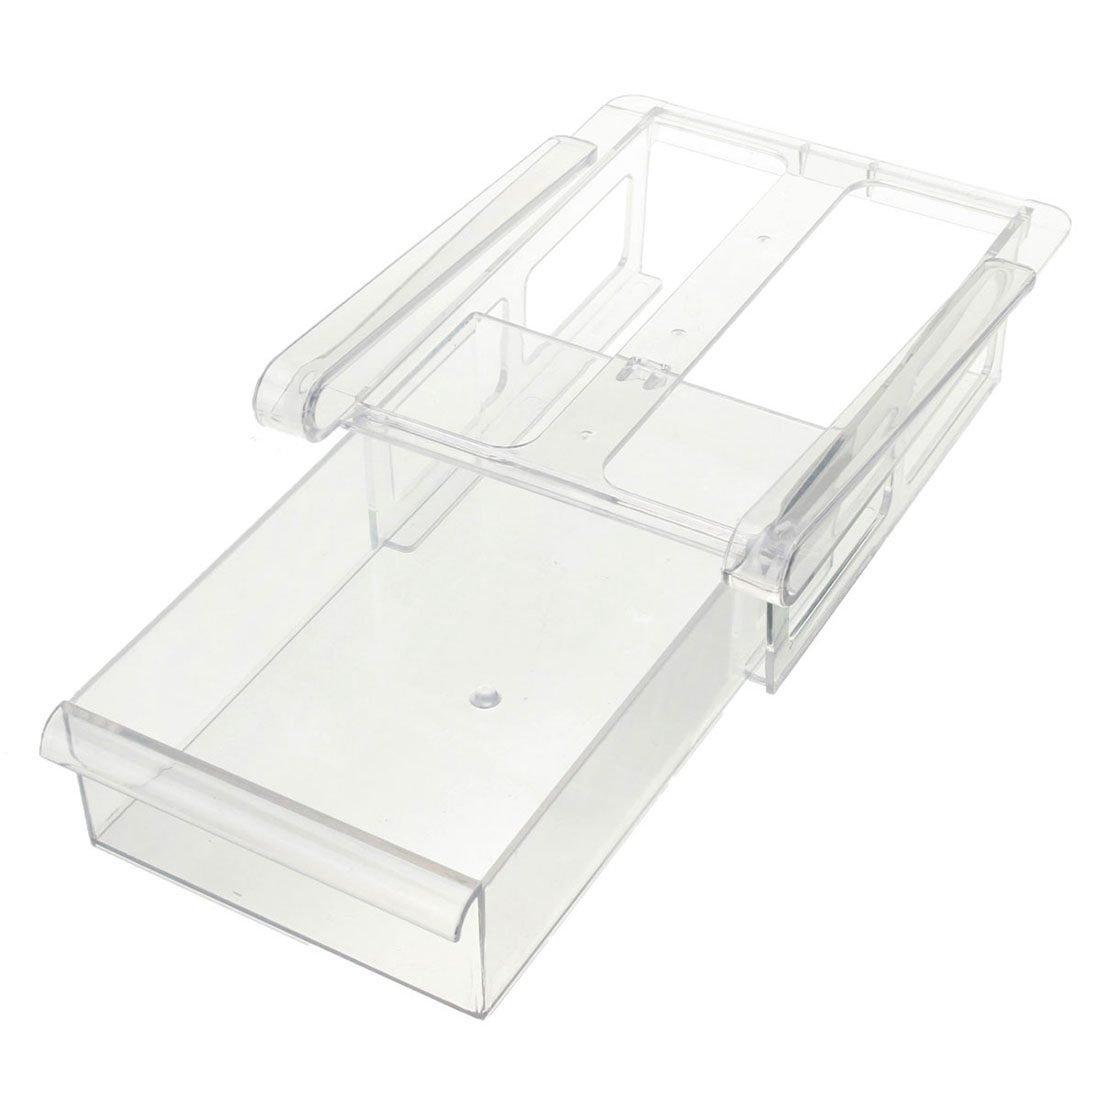 SODIAL 20.5X15X7.3Cm Einfache Kreative Reine Farbe K/üche Gefrierschrank K/ühlschrank Schublade Lagerregal Halter Slide Shelf Organizer Tools Wei?